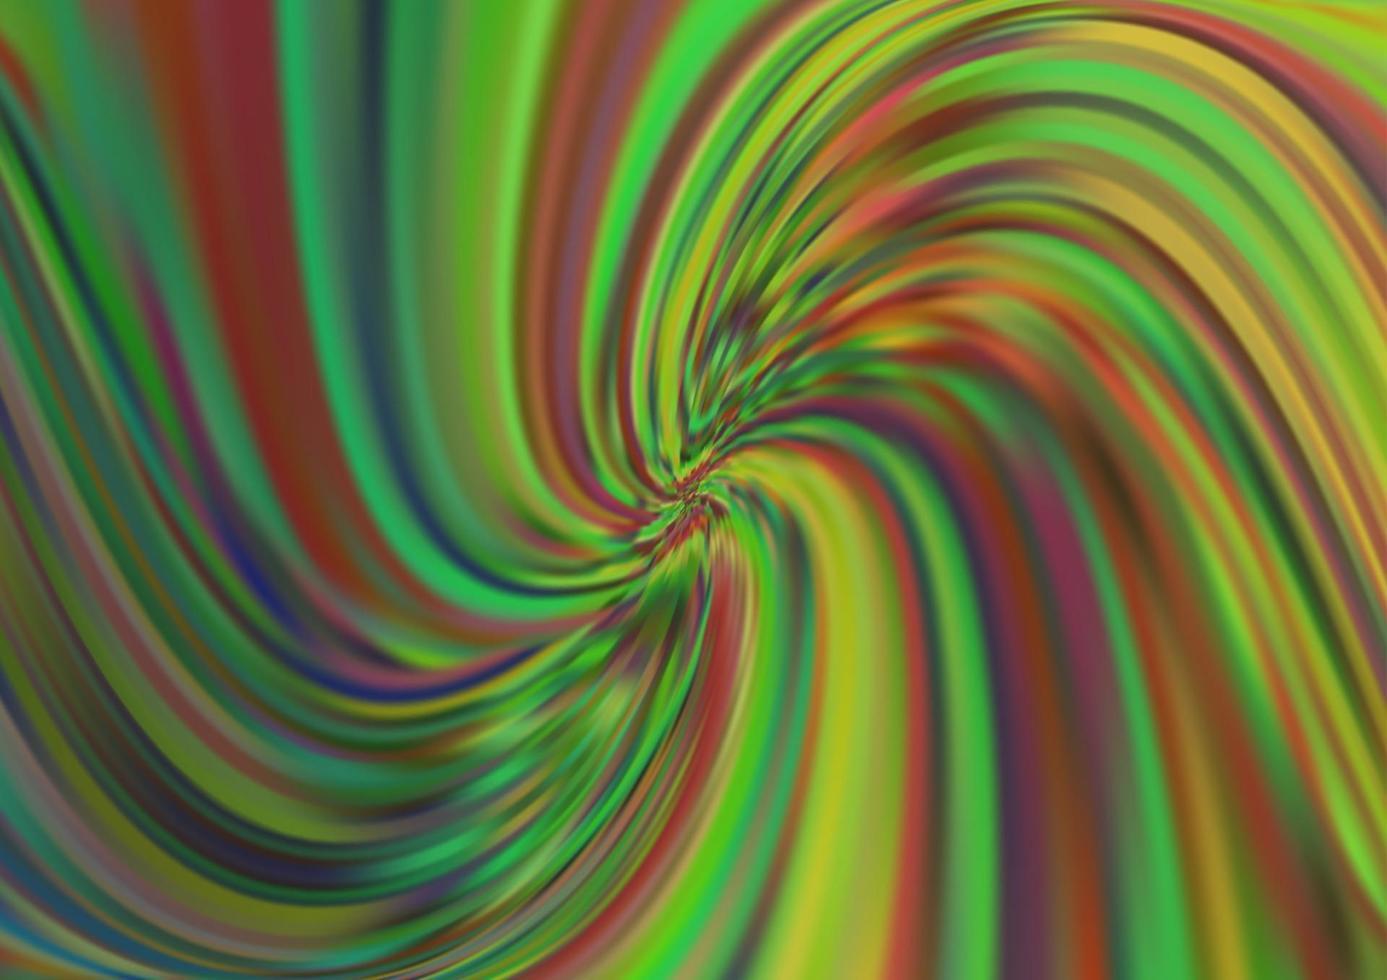 modelo de vetor verde e amarelo claro com formas de bolha.